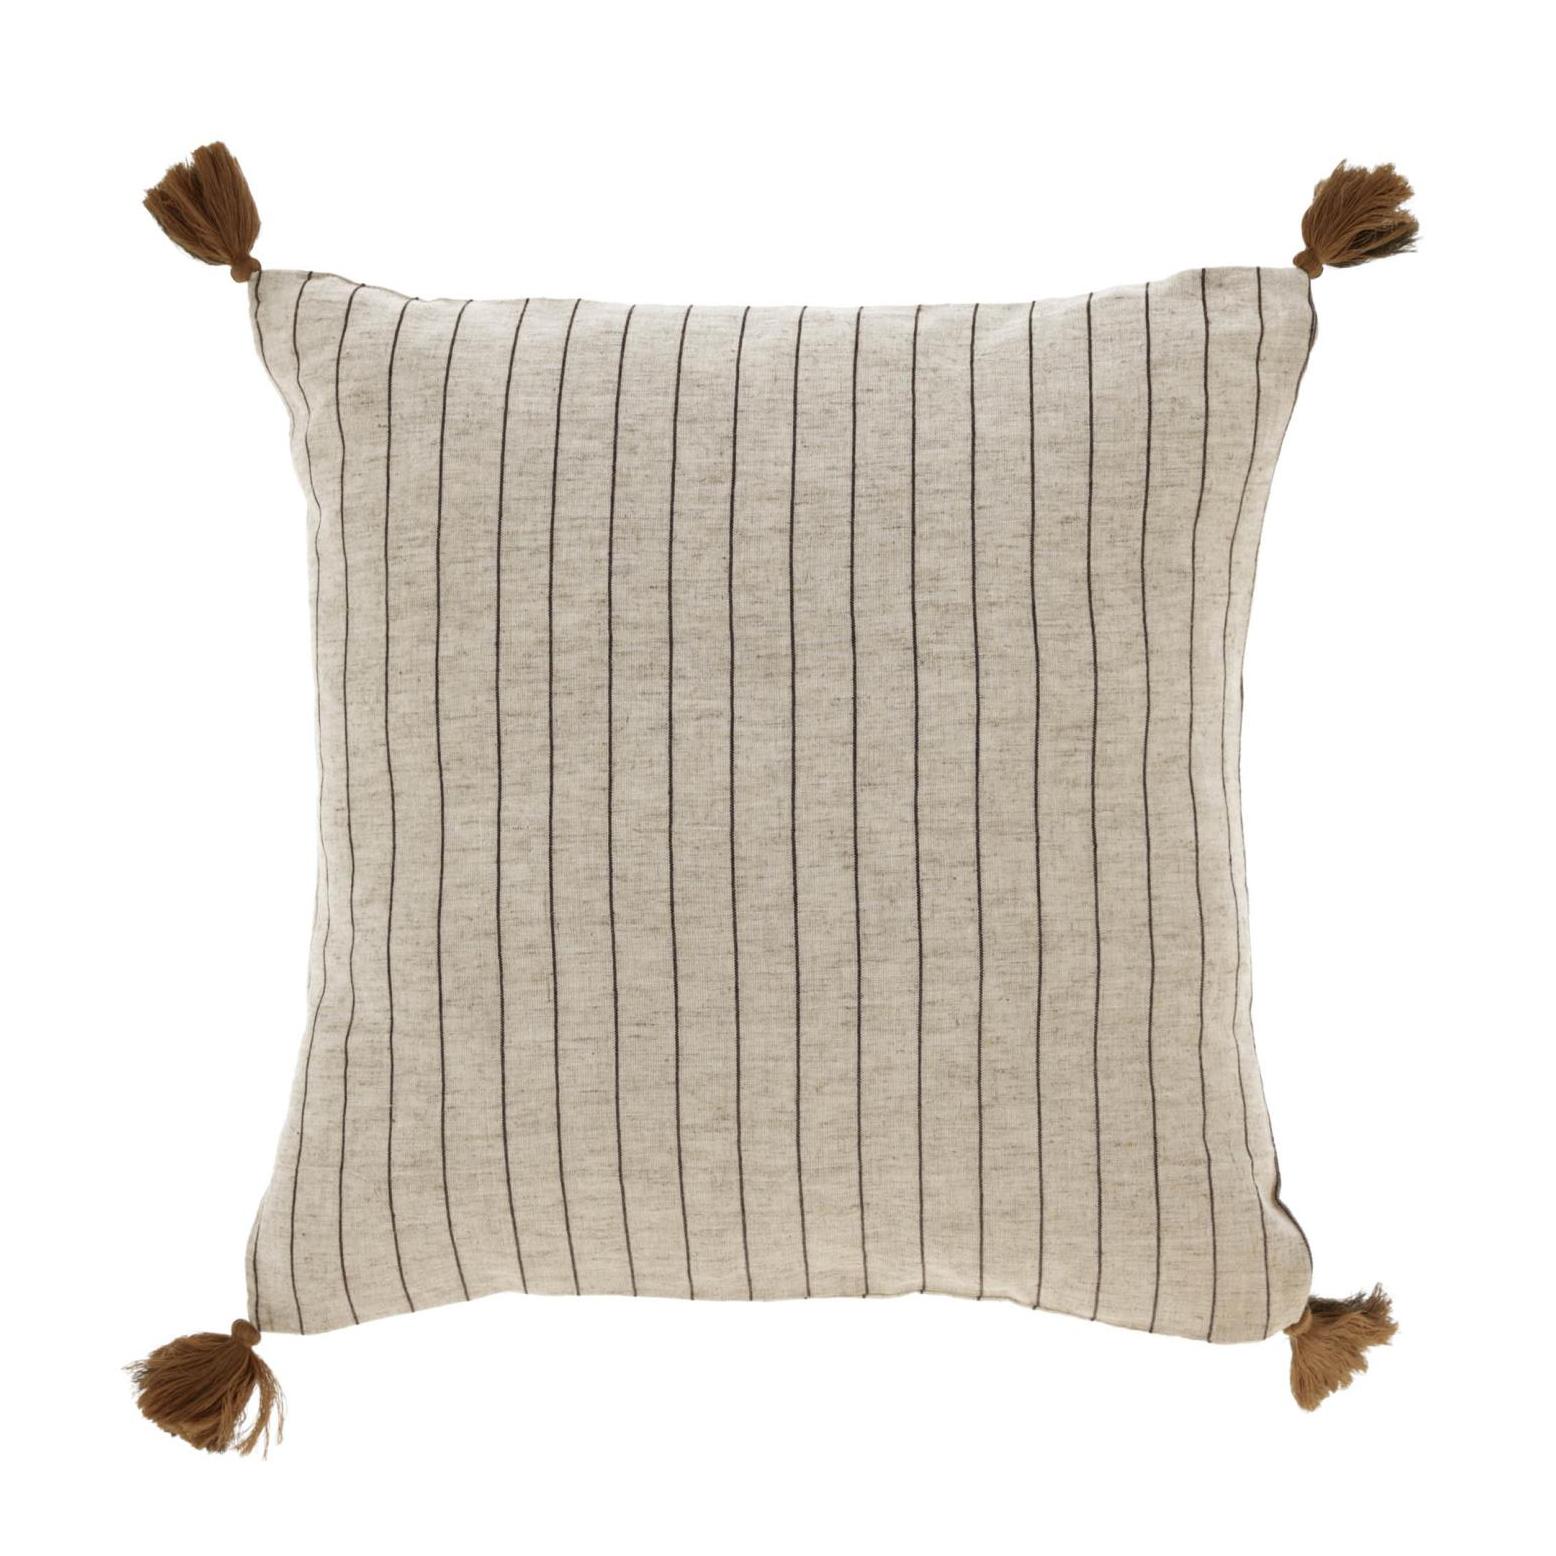 Capa de almofada Sagui, bege/marron, 45x45